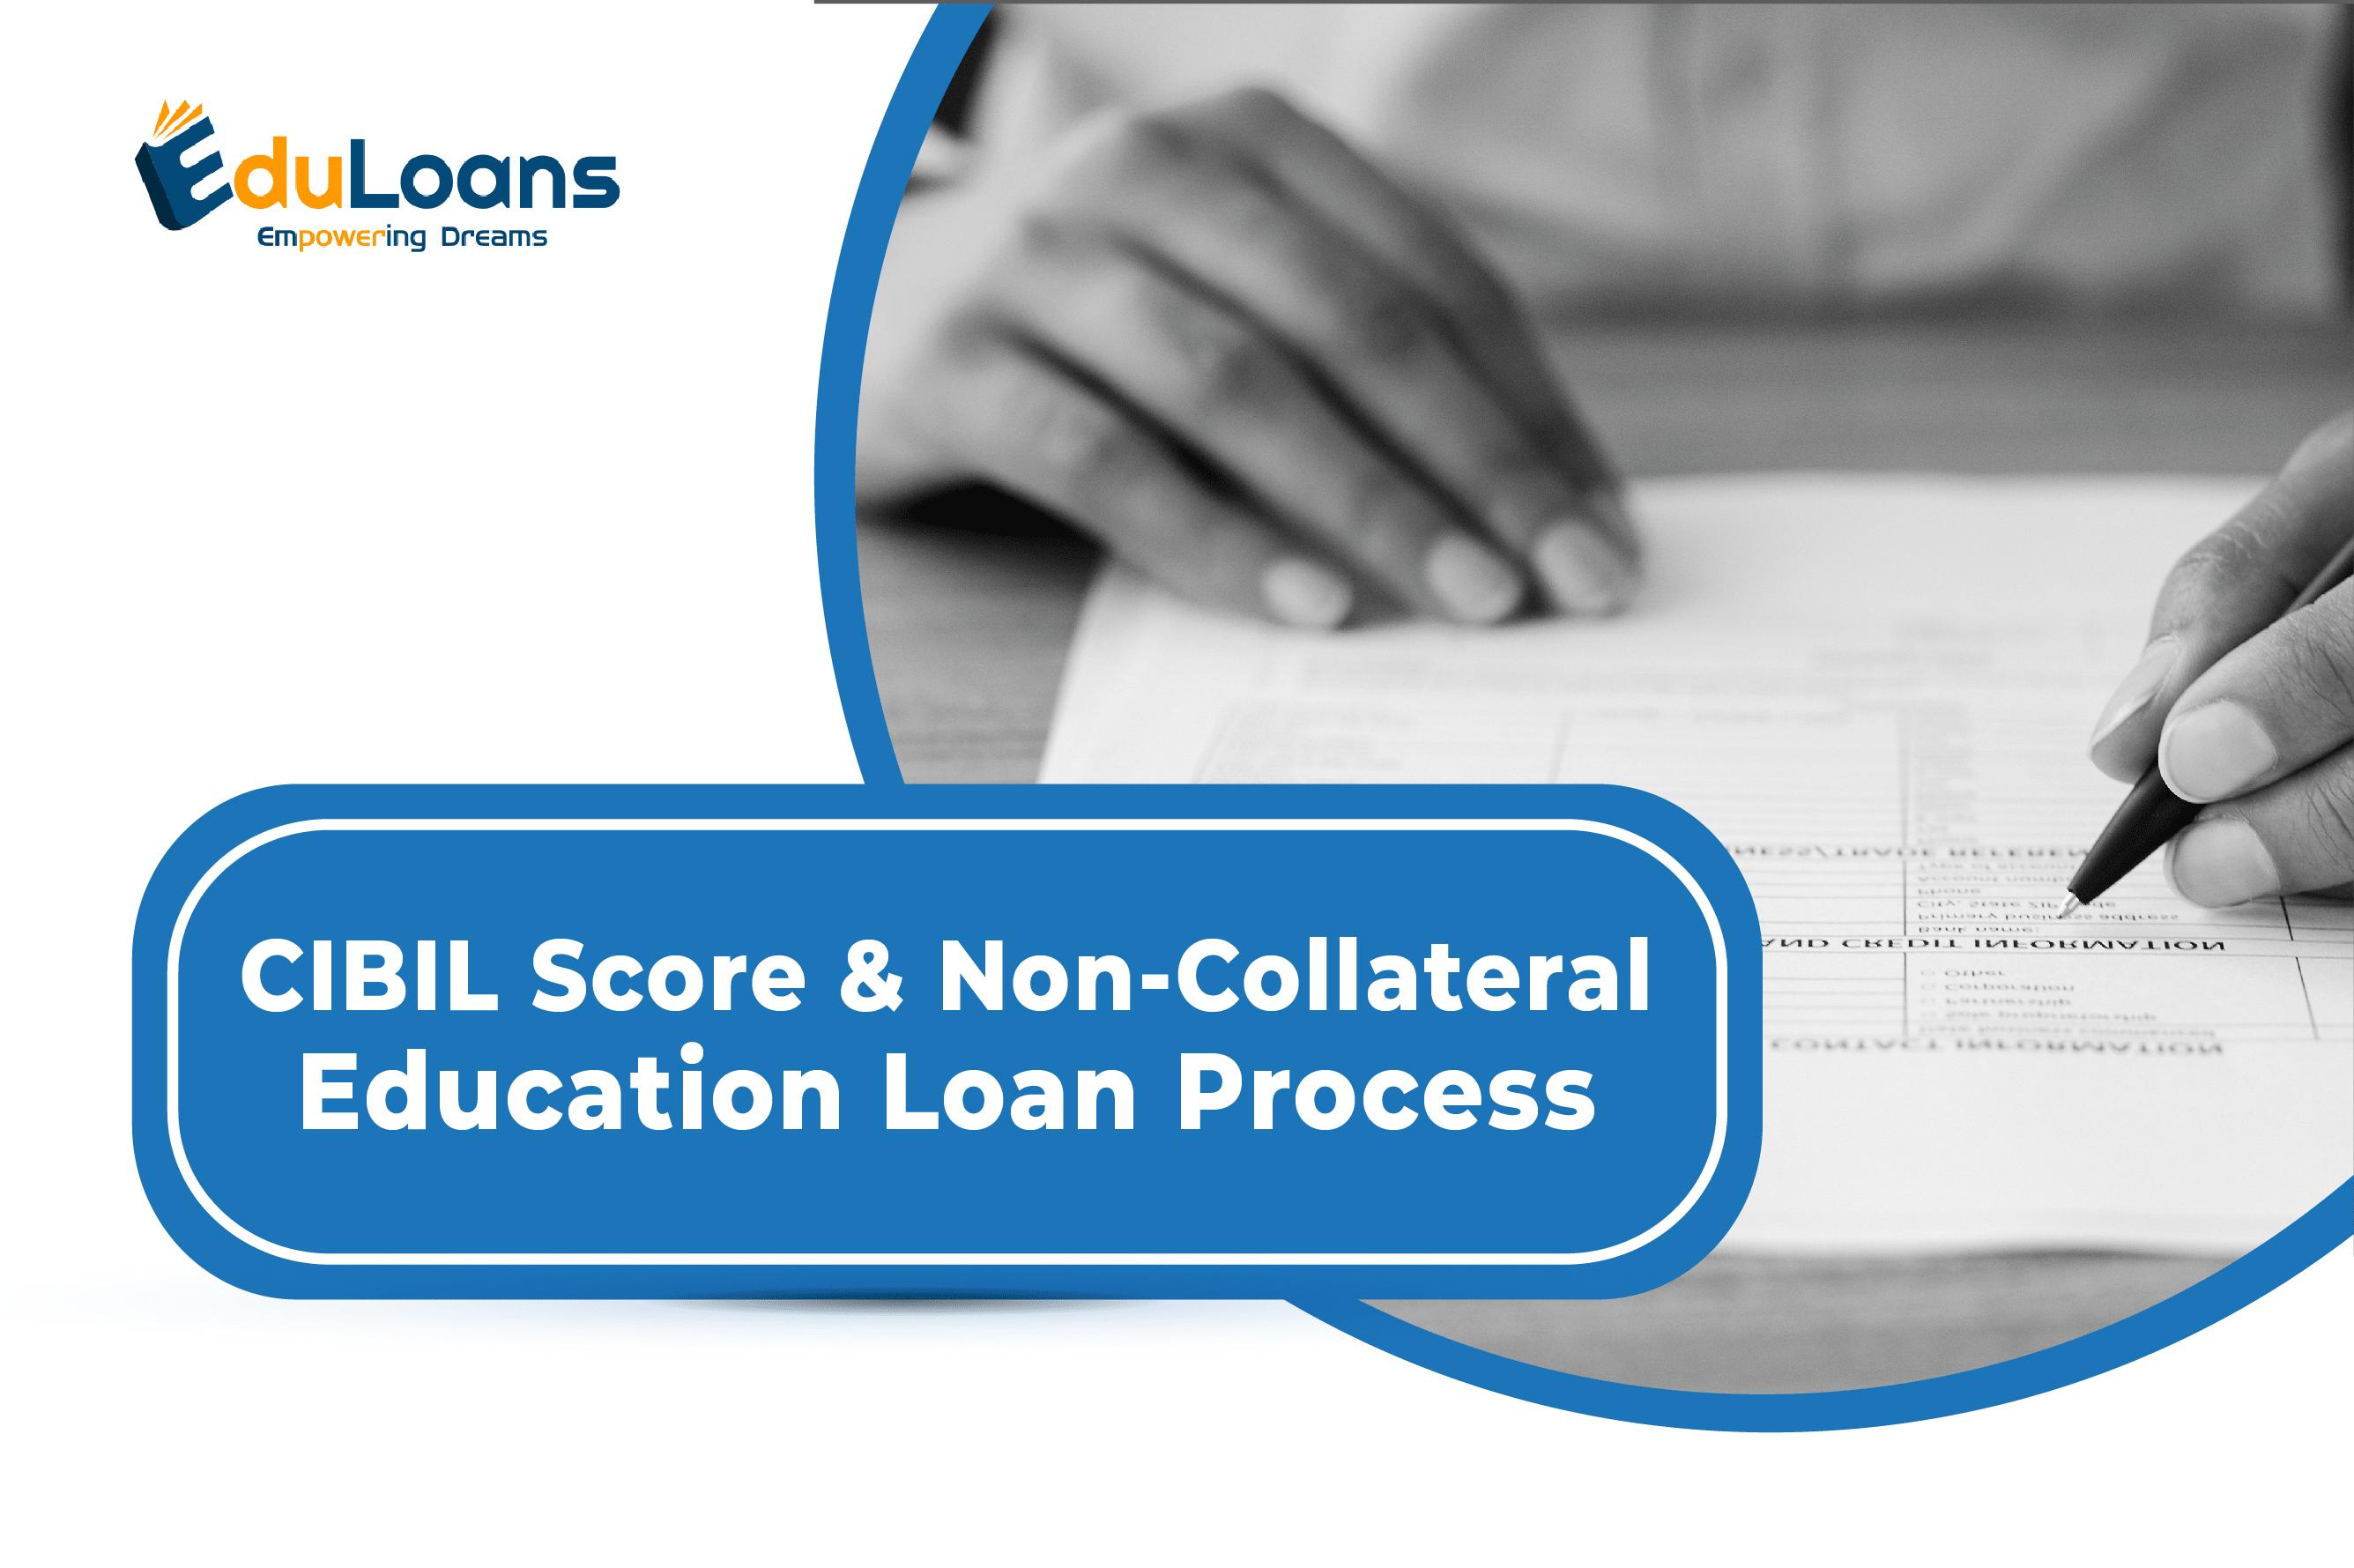 CIBIL Score and Non-collateral Education Loan Process